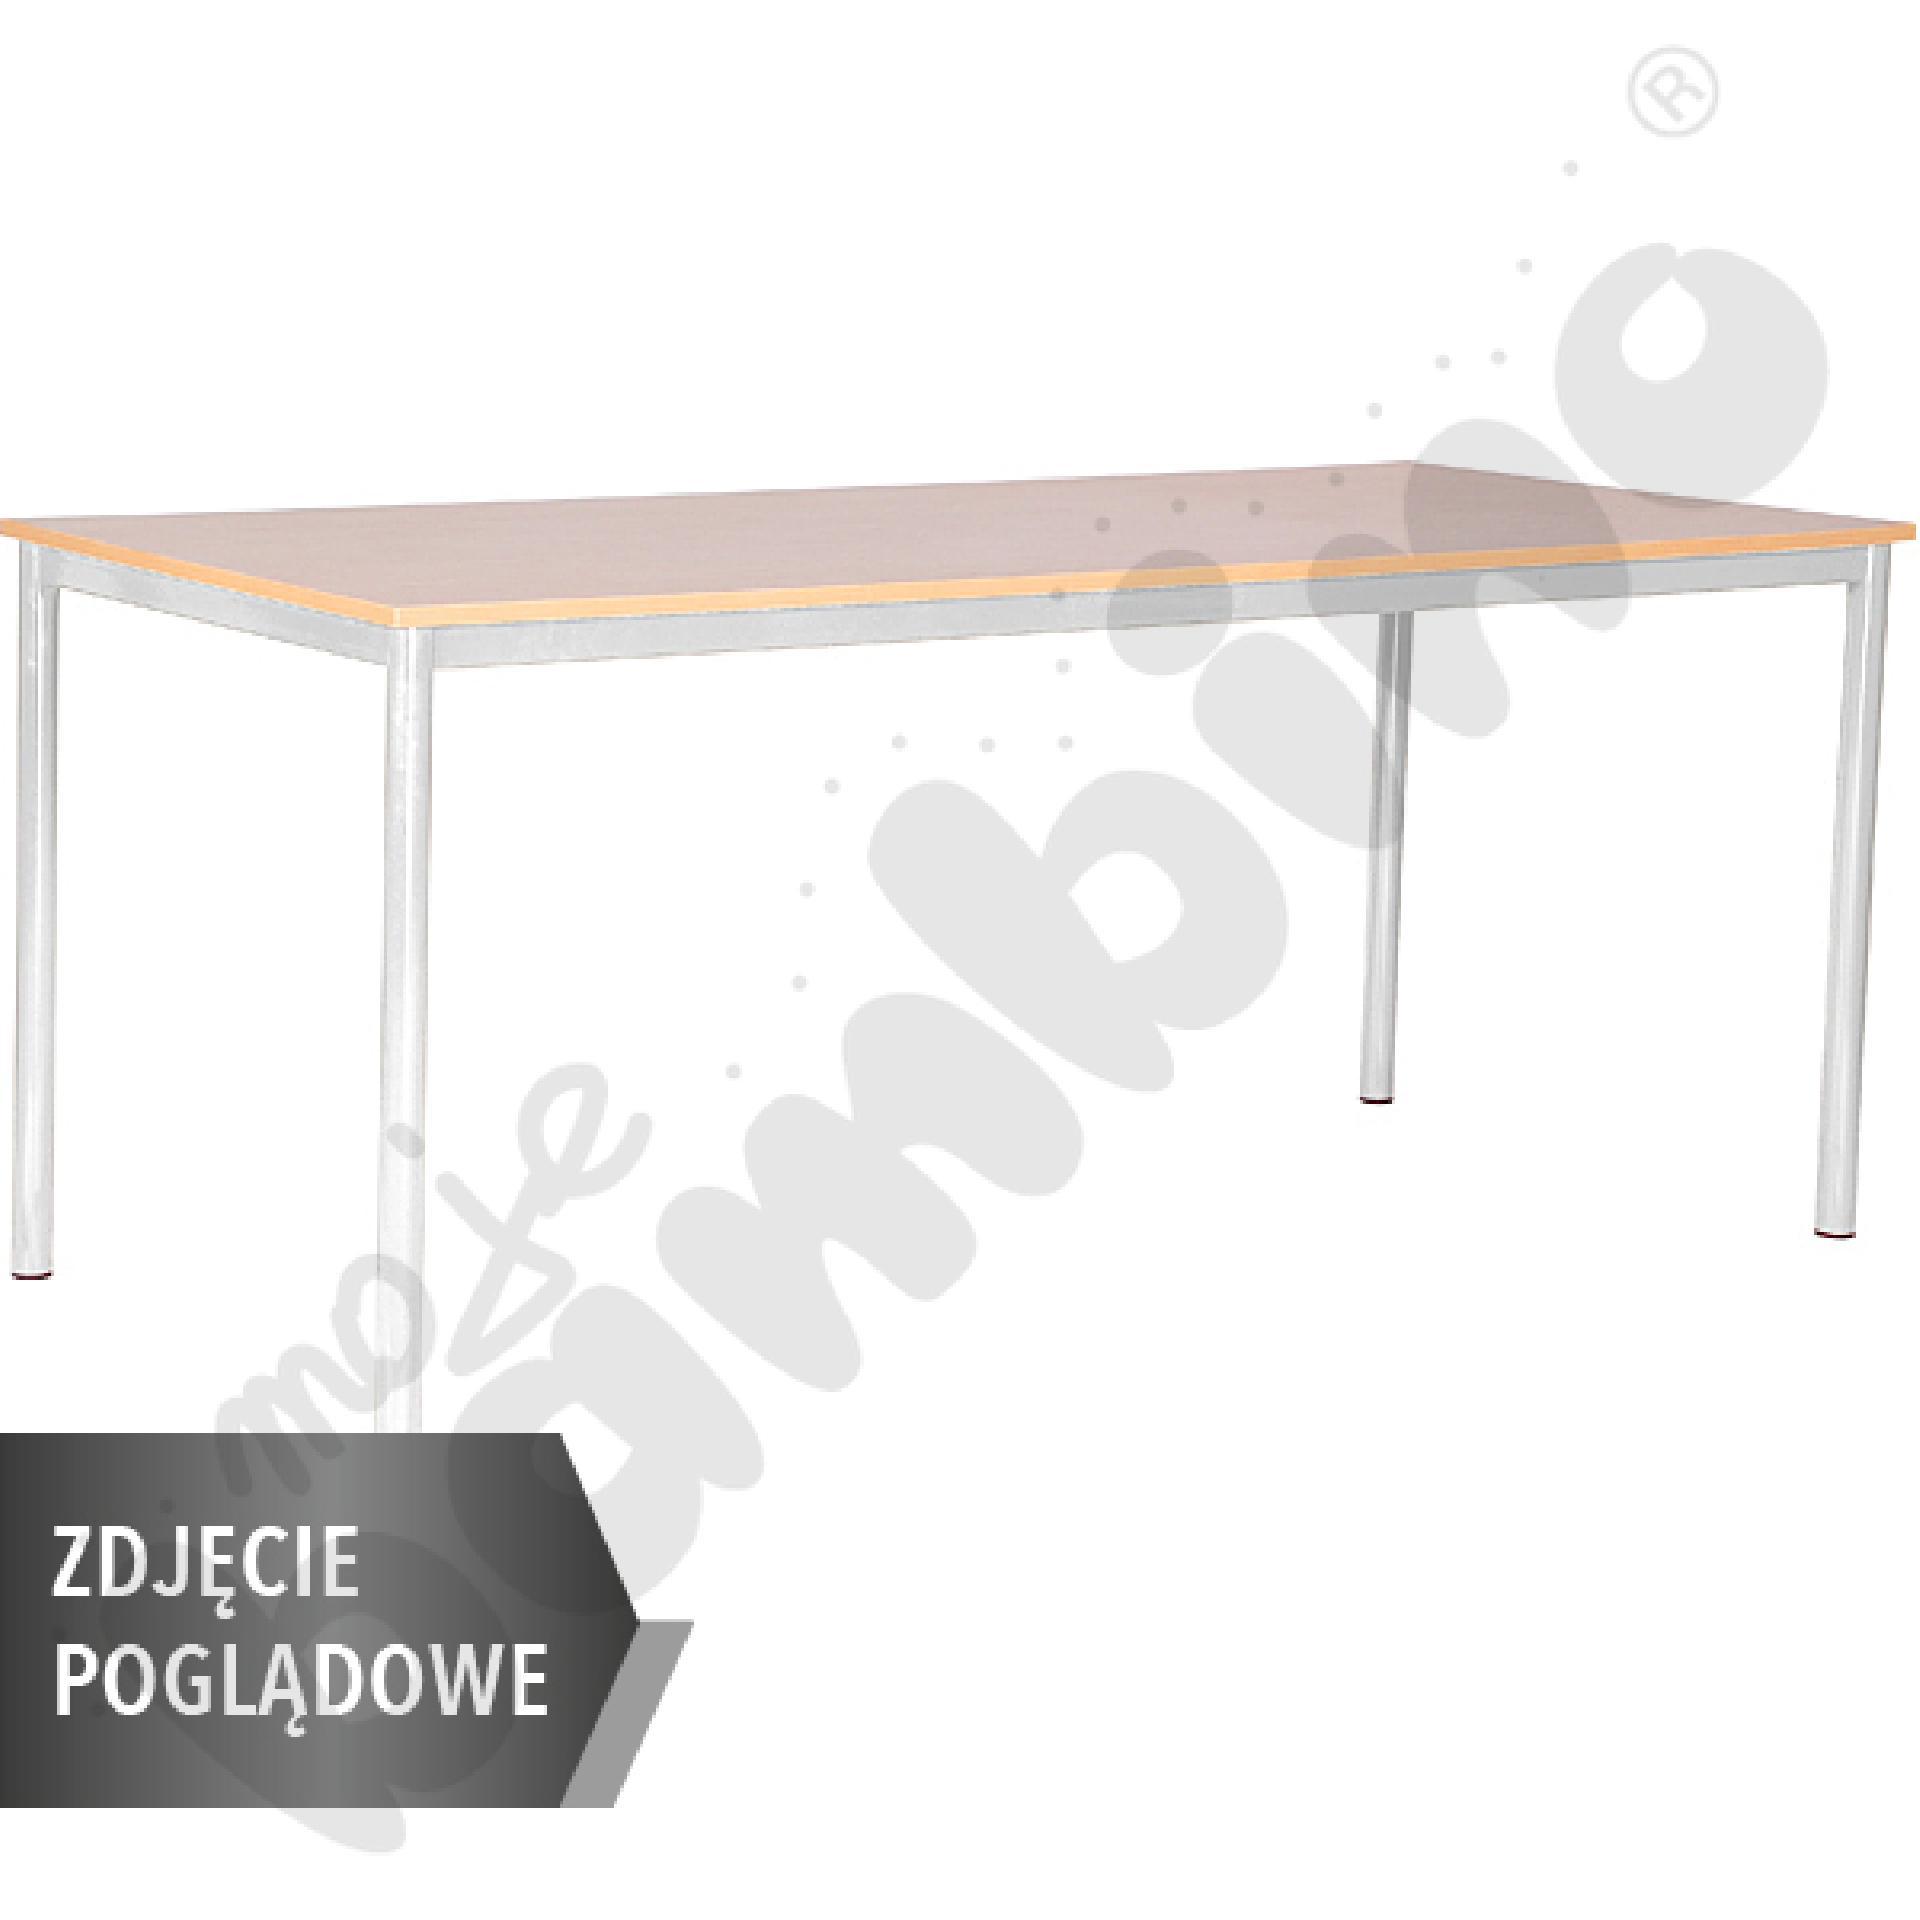 Stół Mila 180x80 rozm. 6, 8os., stelaż czerwony, blat buk, obrzeże ABS, narożniki proste